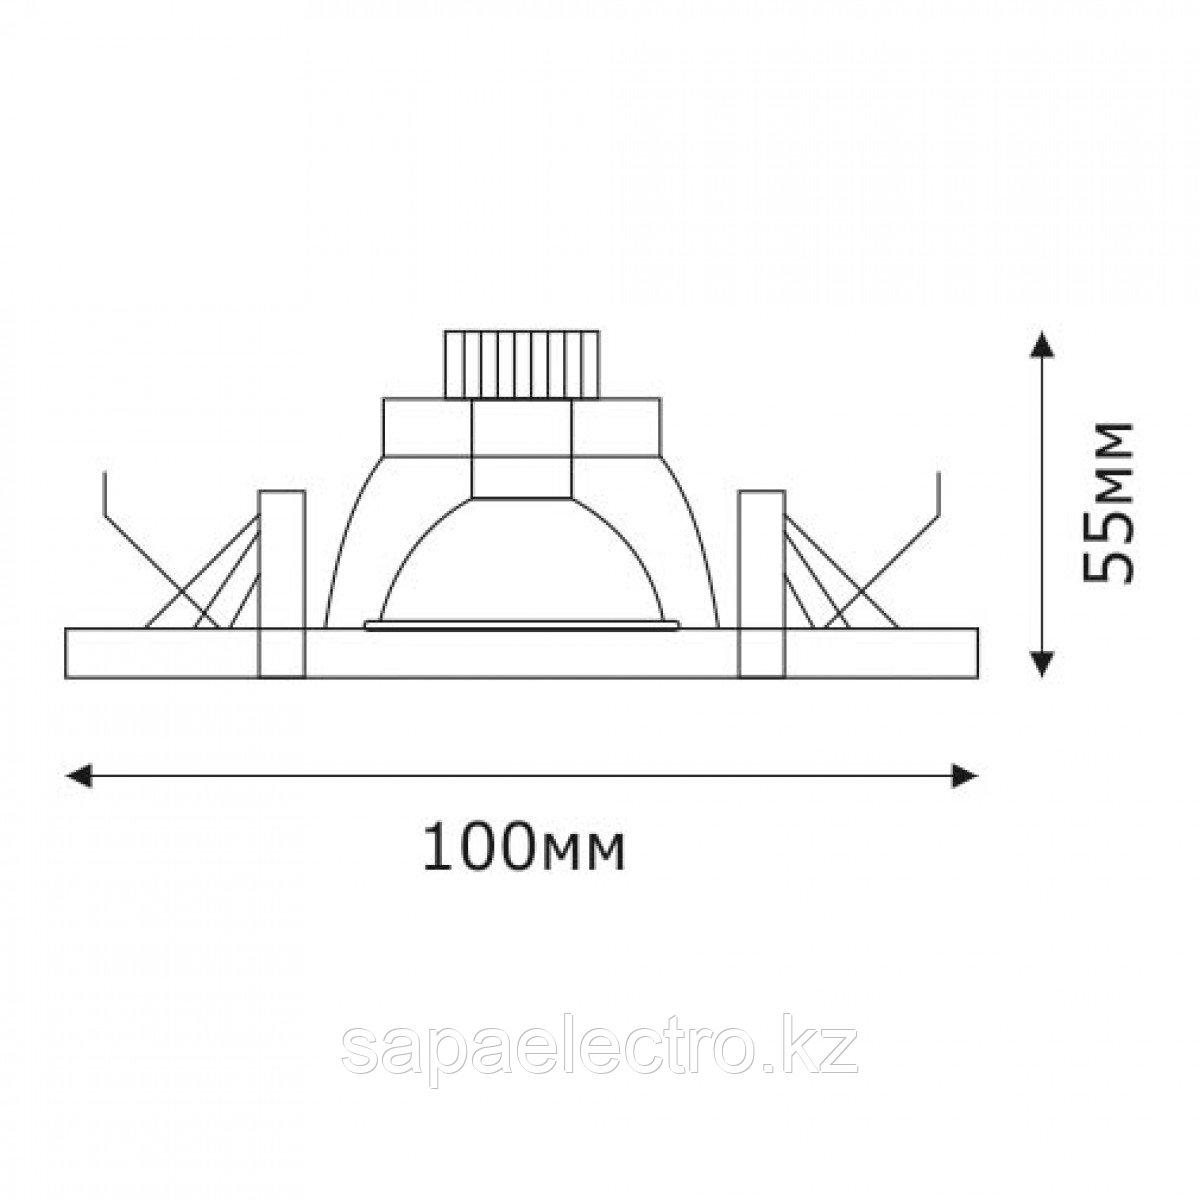 Спот LED TC-01 ROUND 3W 5000K (TS) 60шт